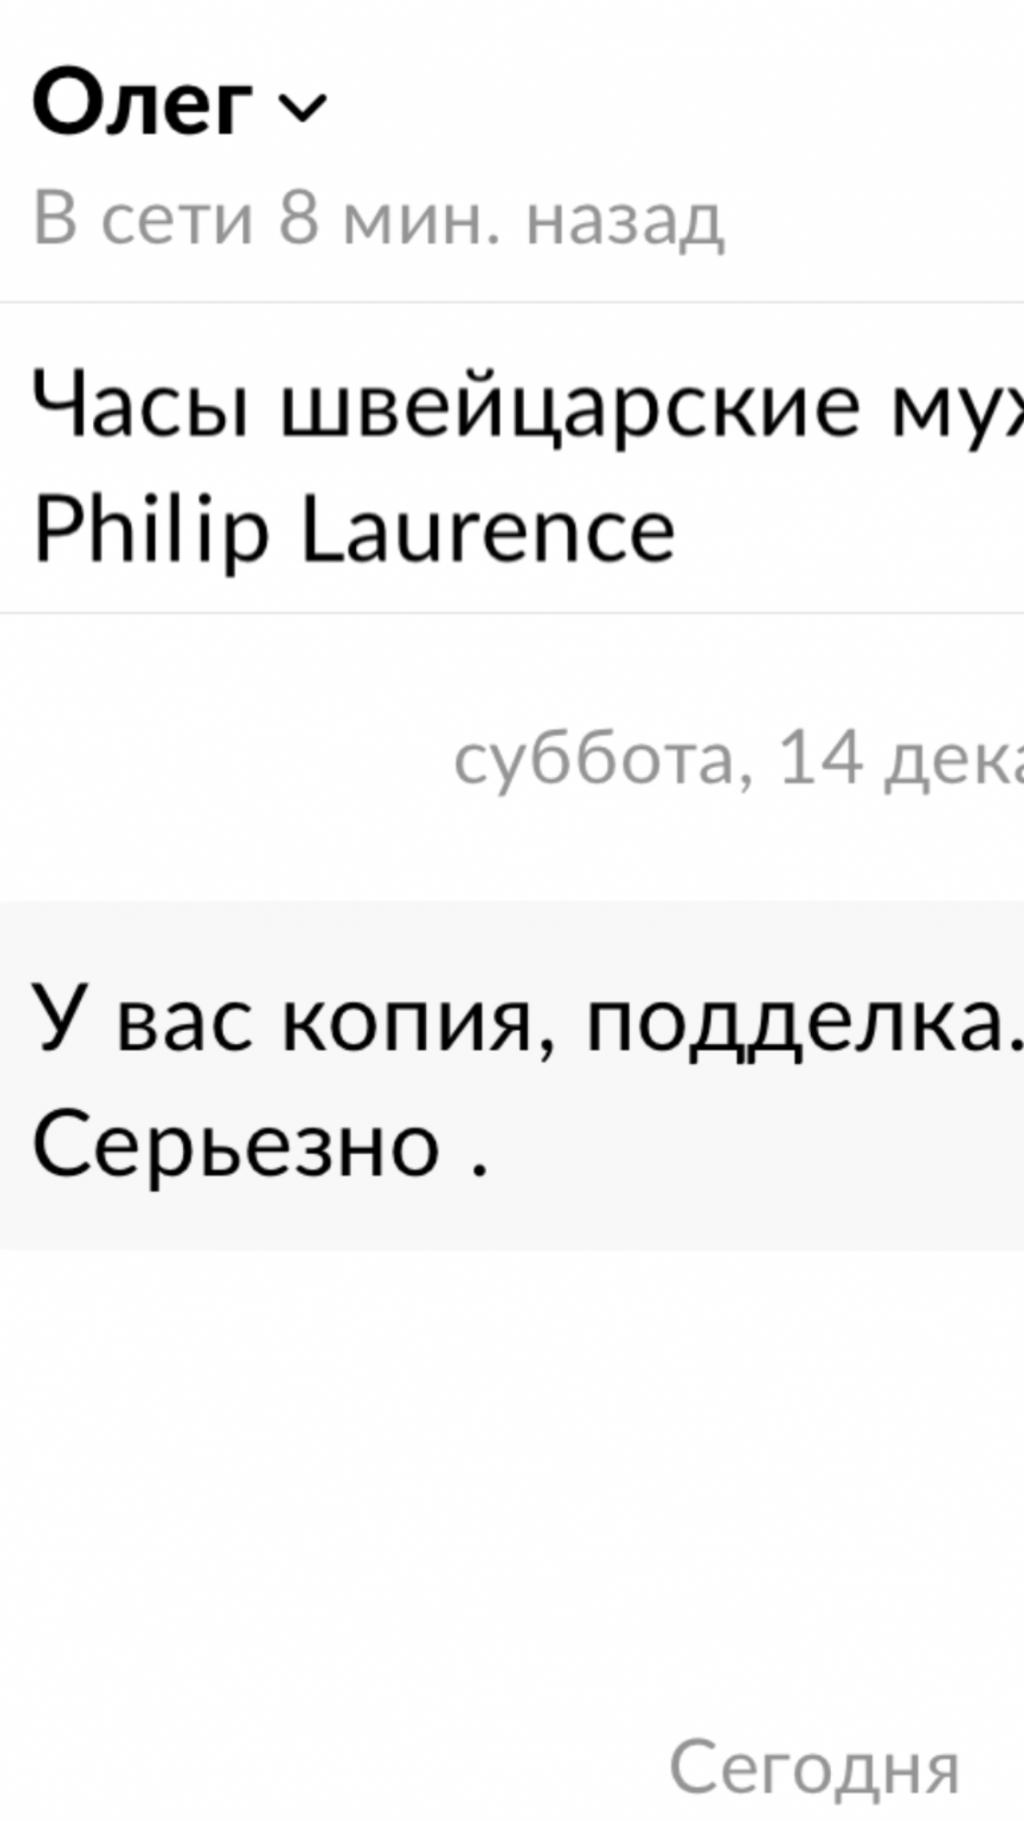 AVITO.ru - Публикация отзыва несоответствующее действительности